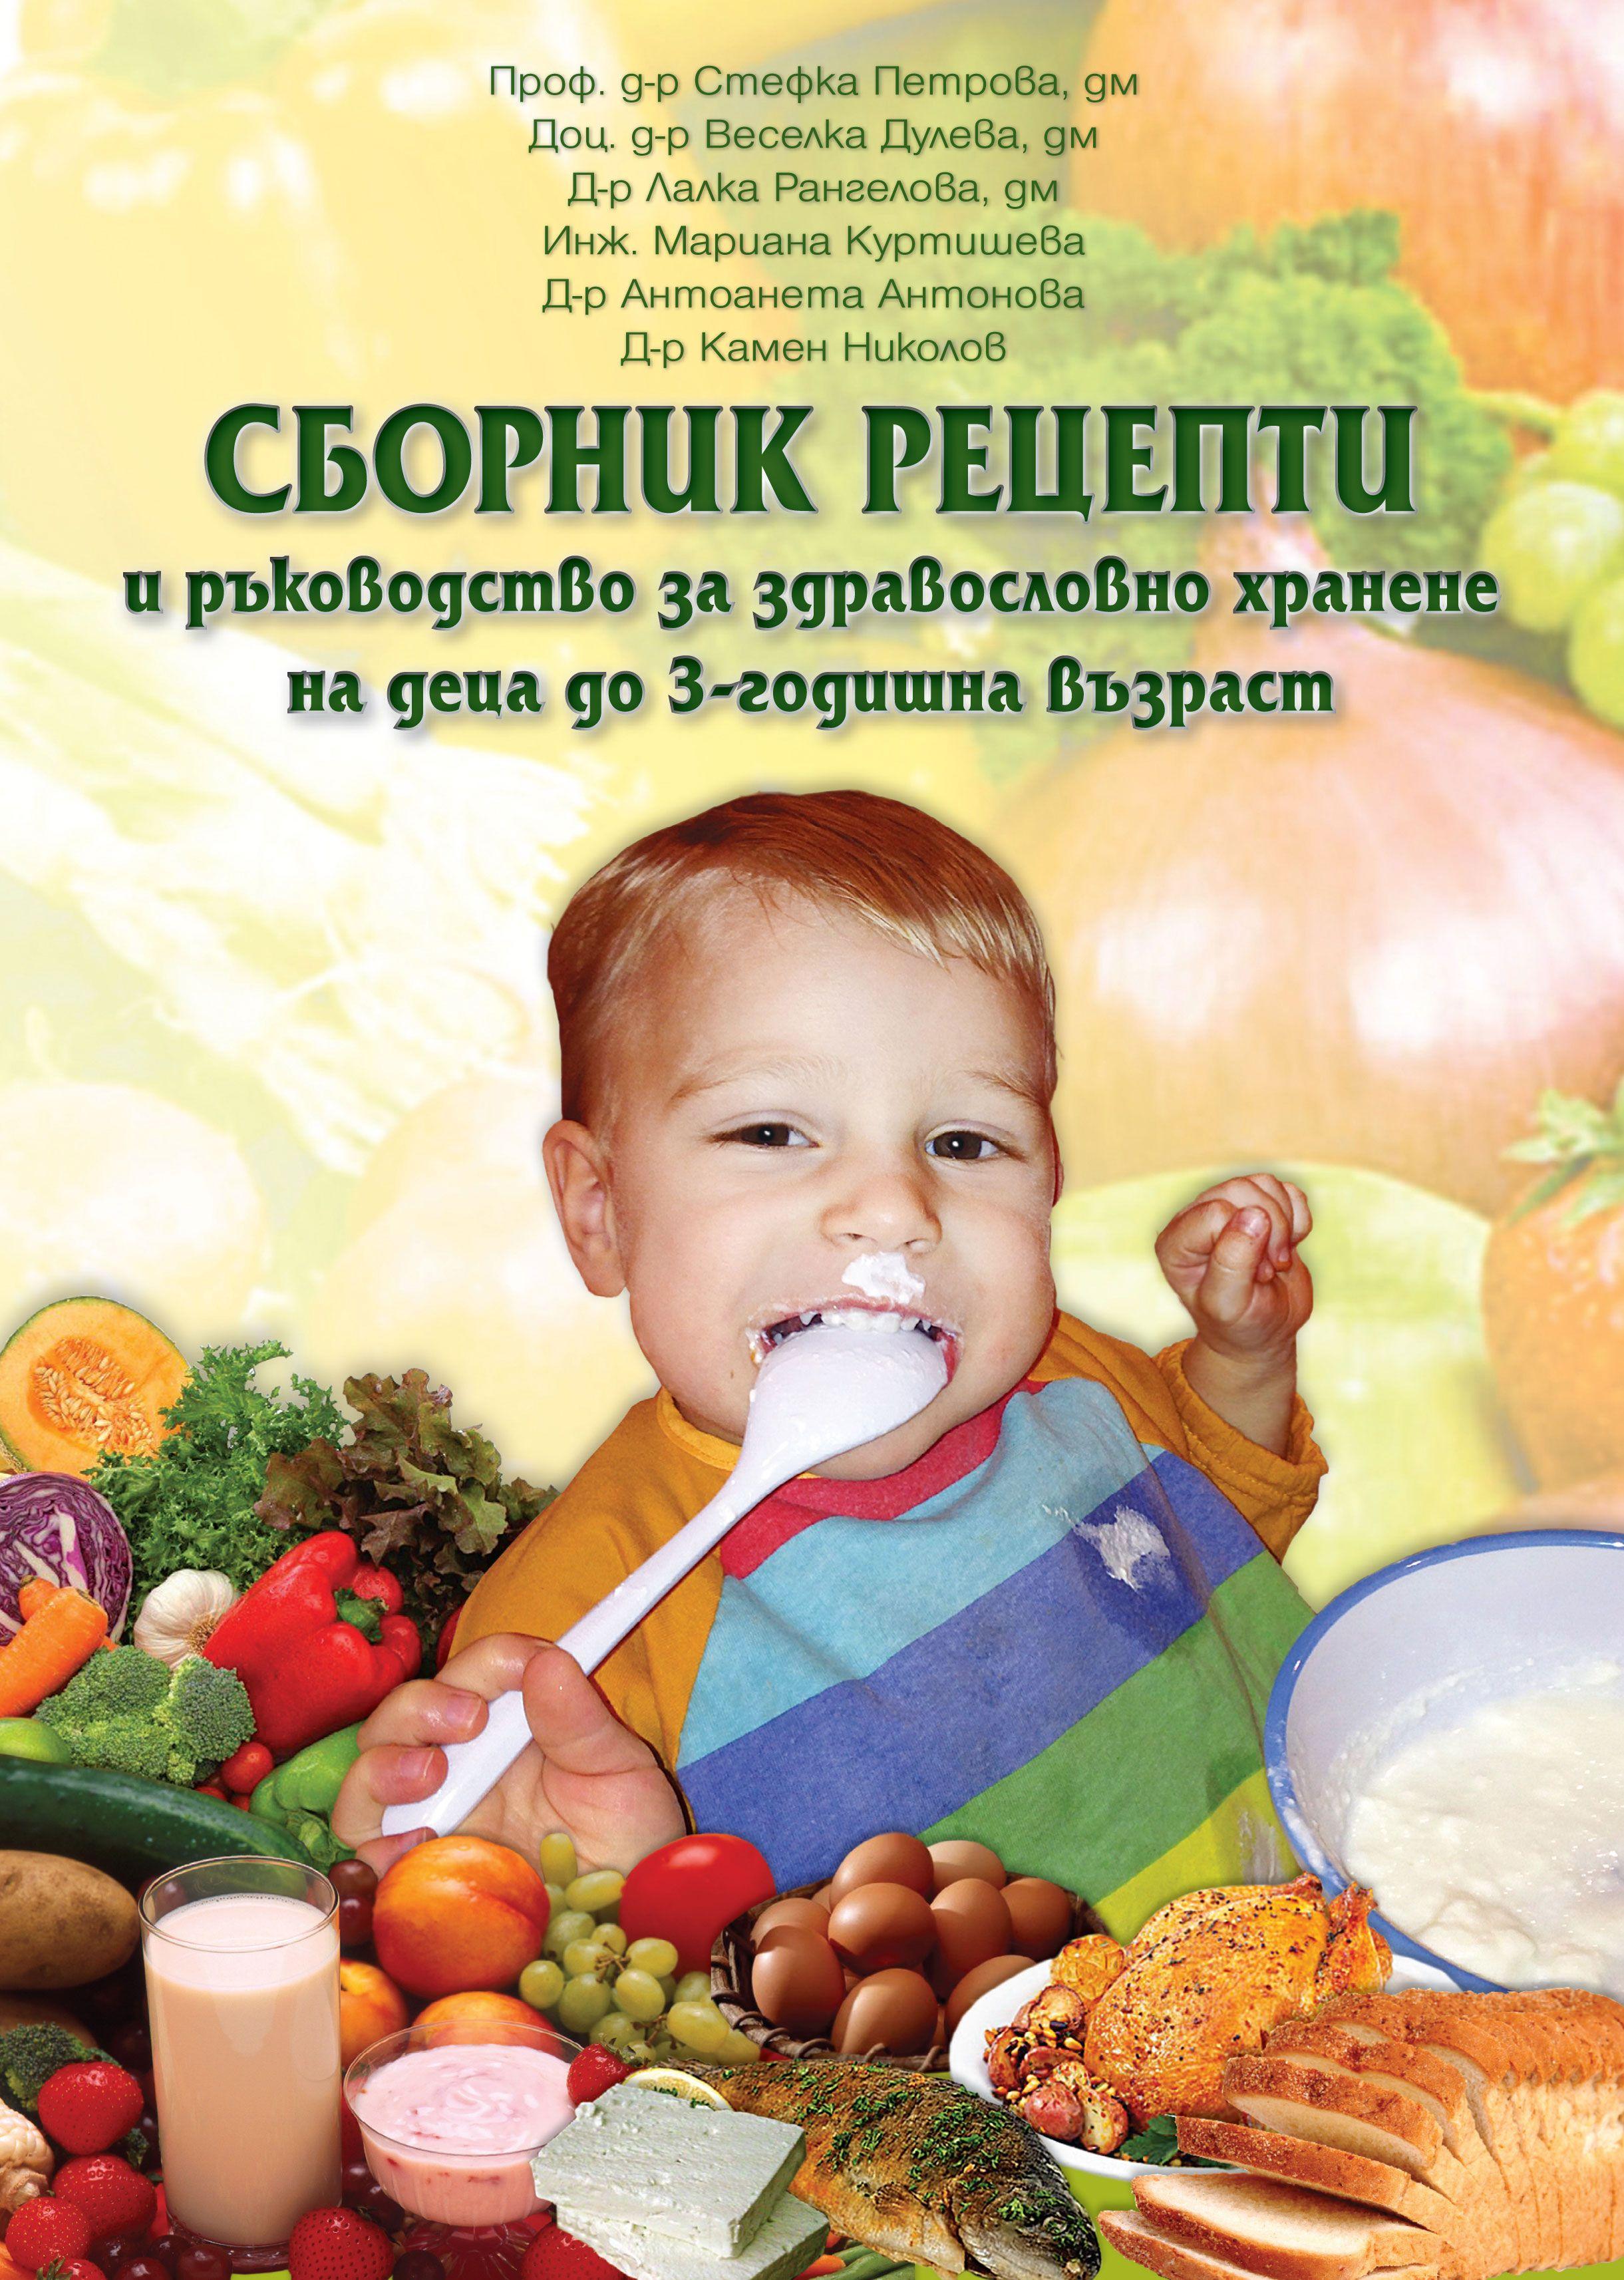 Сборник рецепти и ръководство за здравословно хранене на деца до 3-годишна възраст - 1